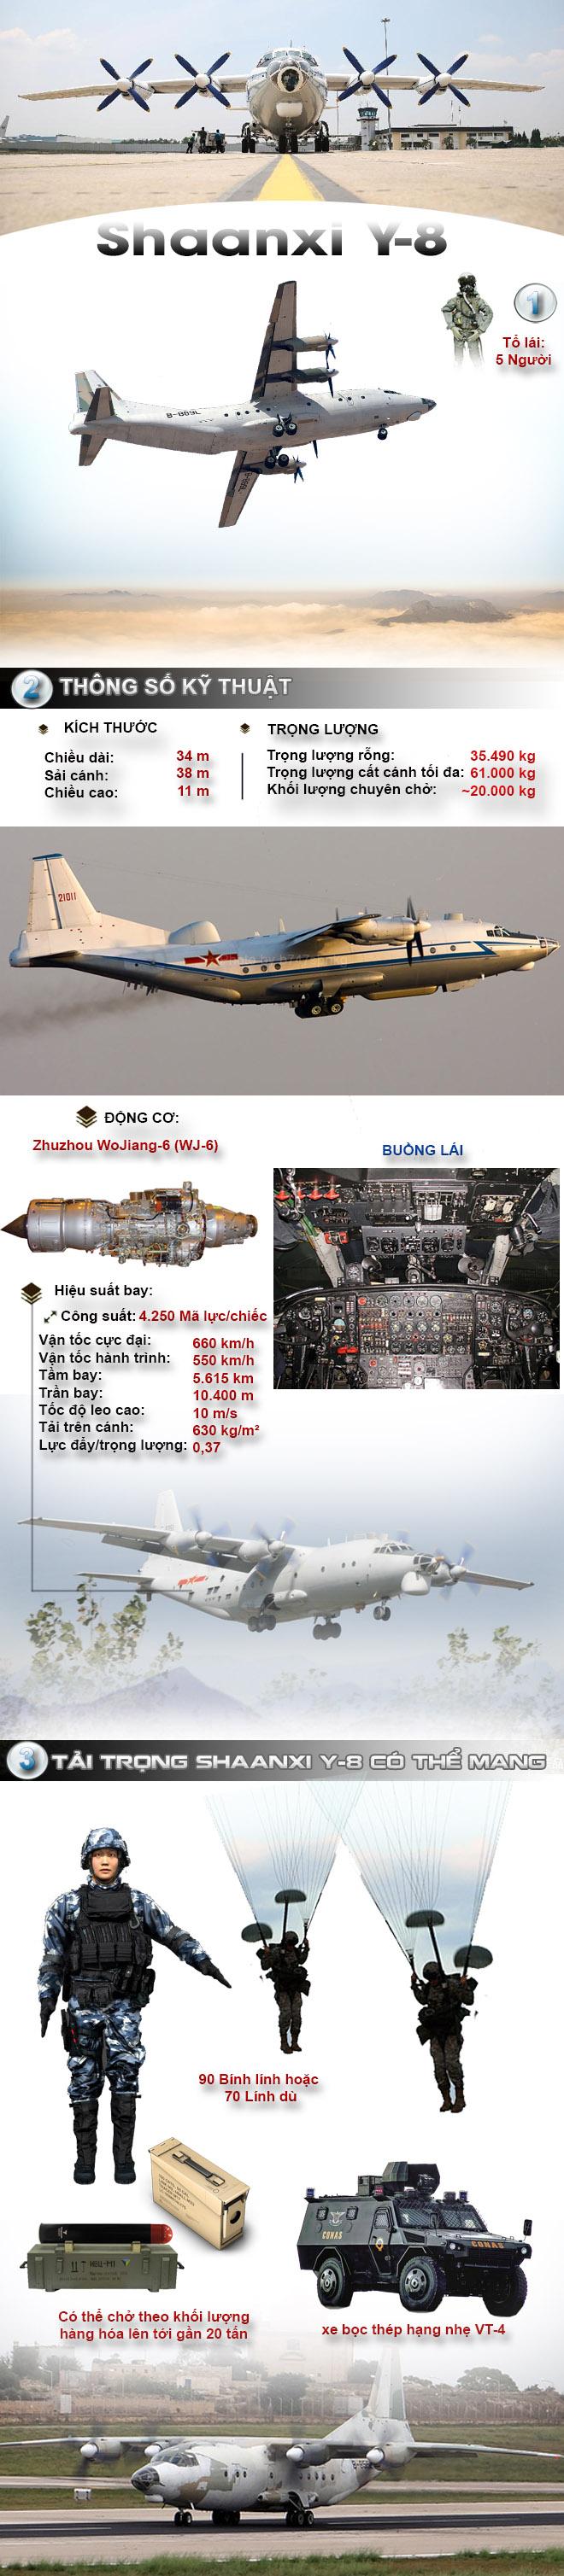 Khám phá tính năng vận tải cơ sao chép An-12 của Trung Quốc - Ảnh 1.